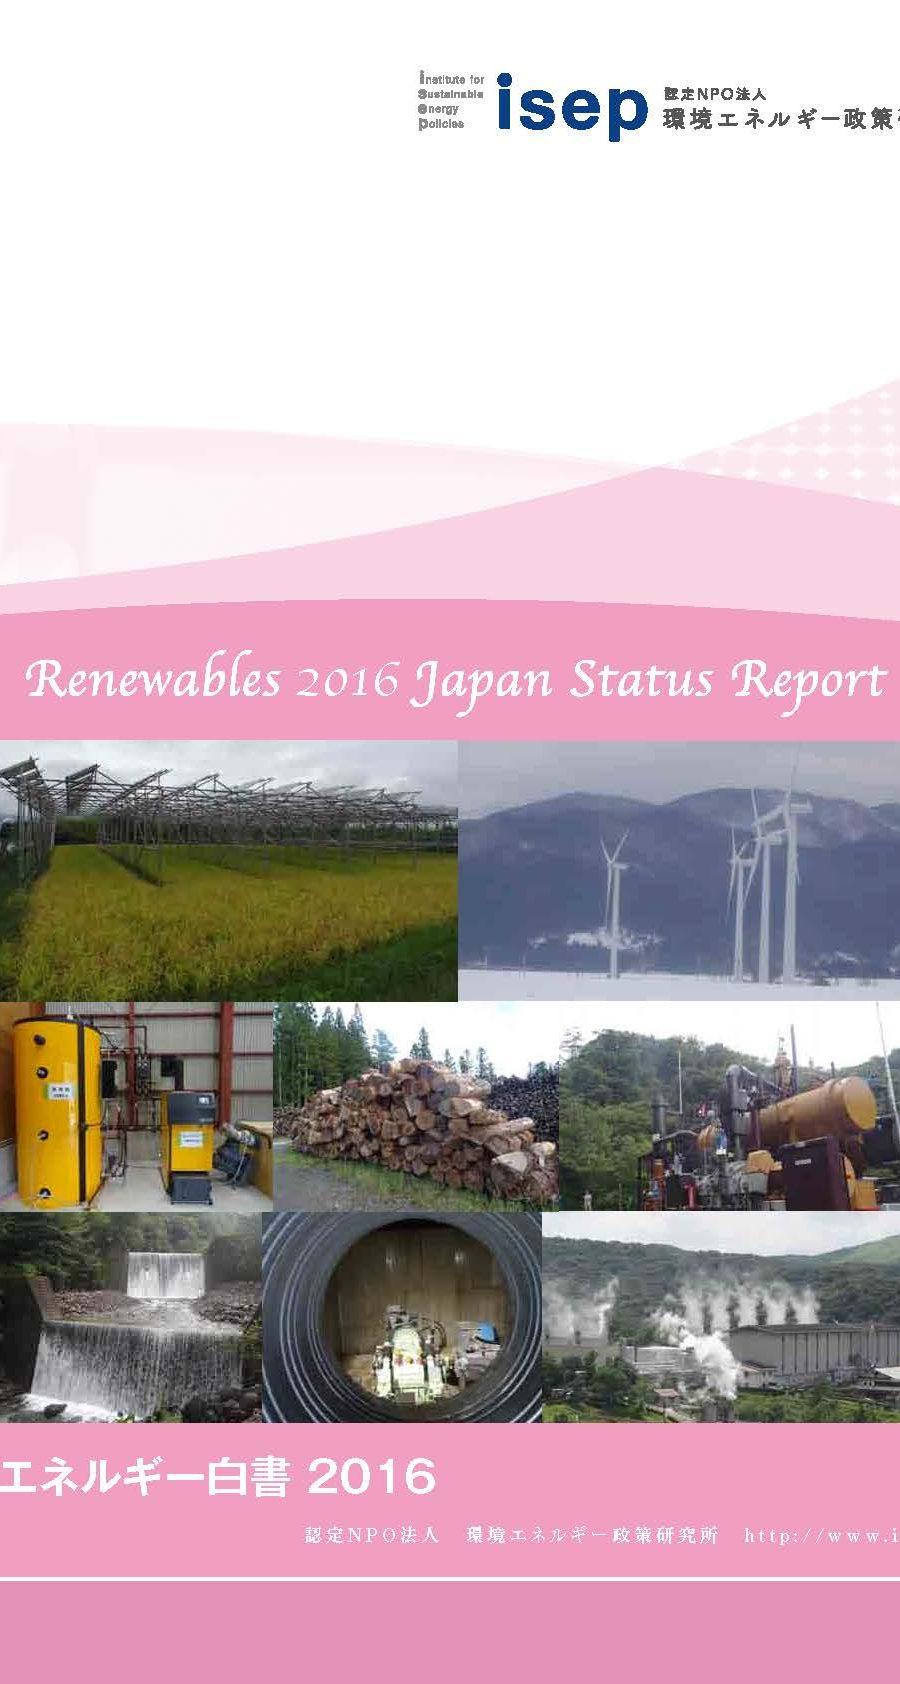 自然エネルギー白書2016全体版